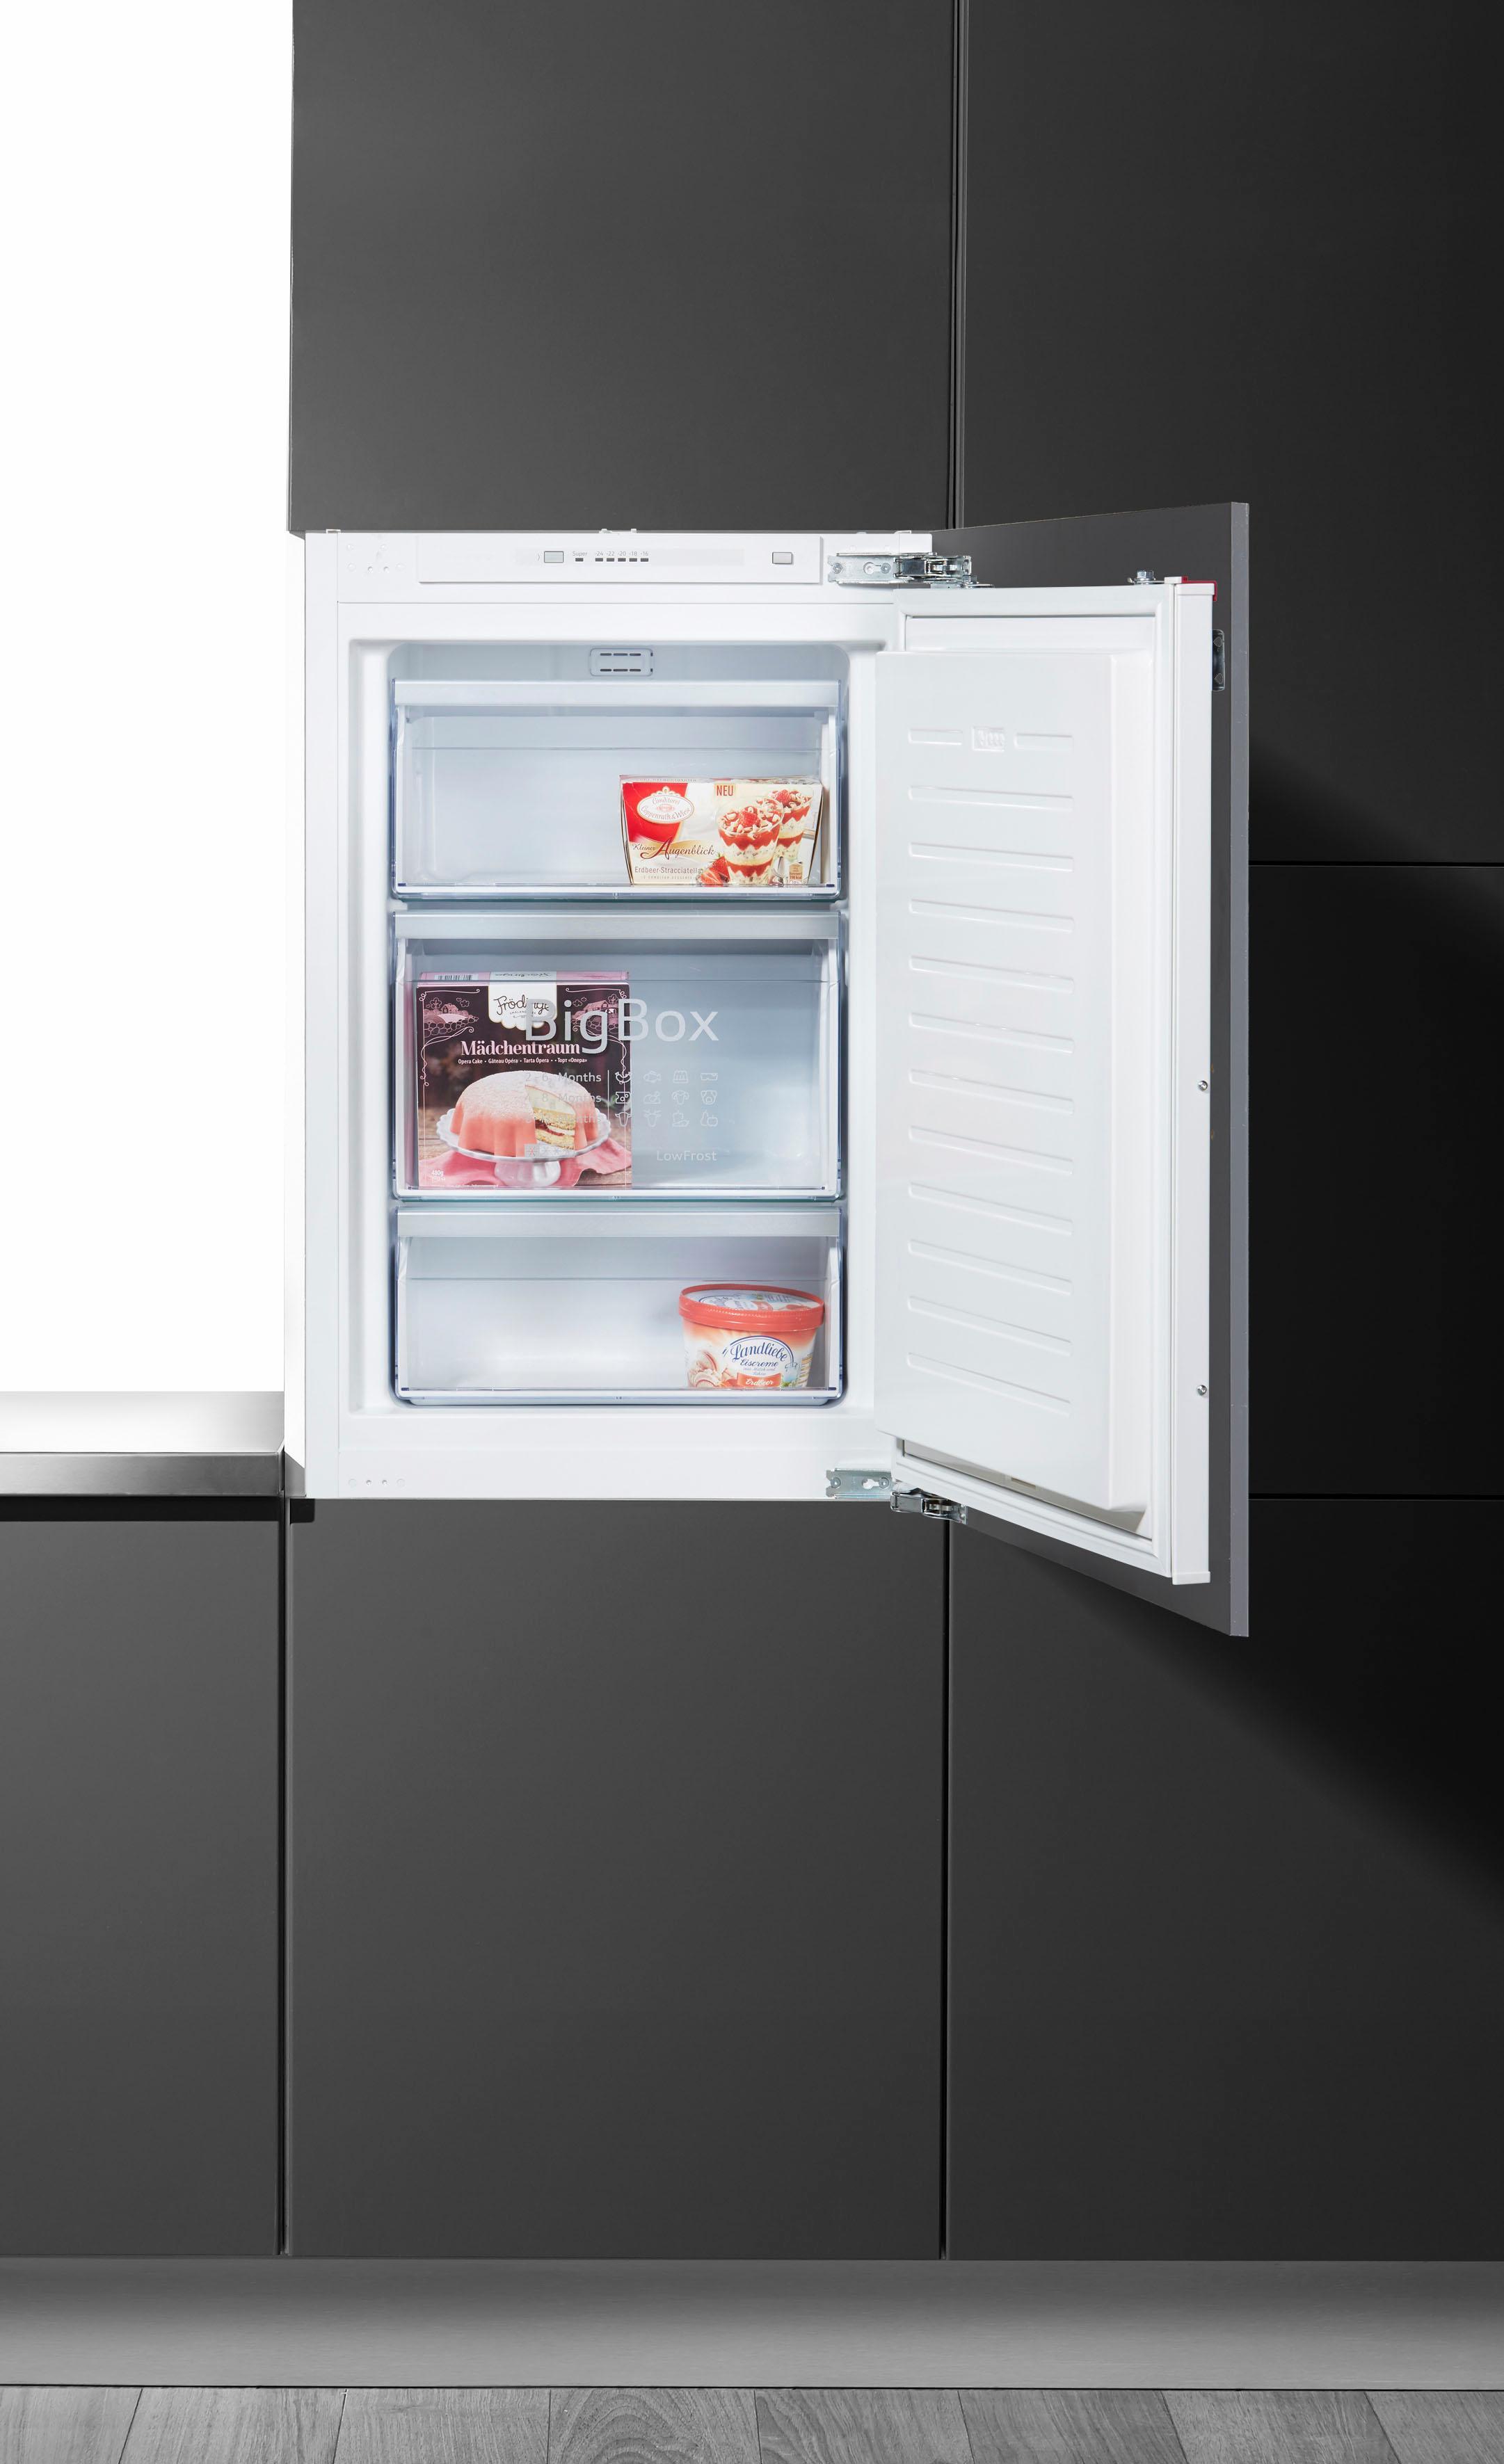 Neff Gefrierschränke online kaufen | Möbel-Suchmaschine | ladendirekt.de